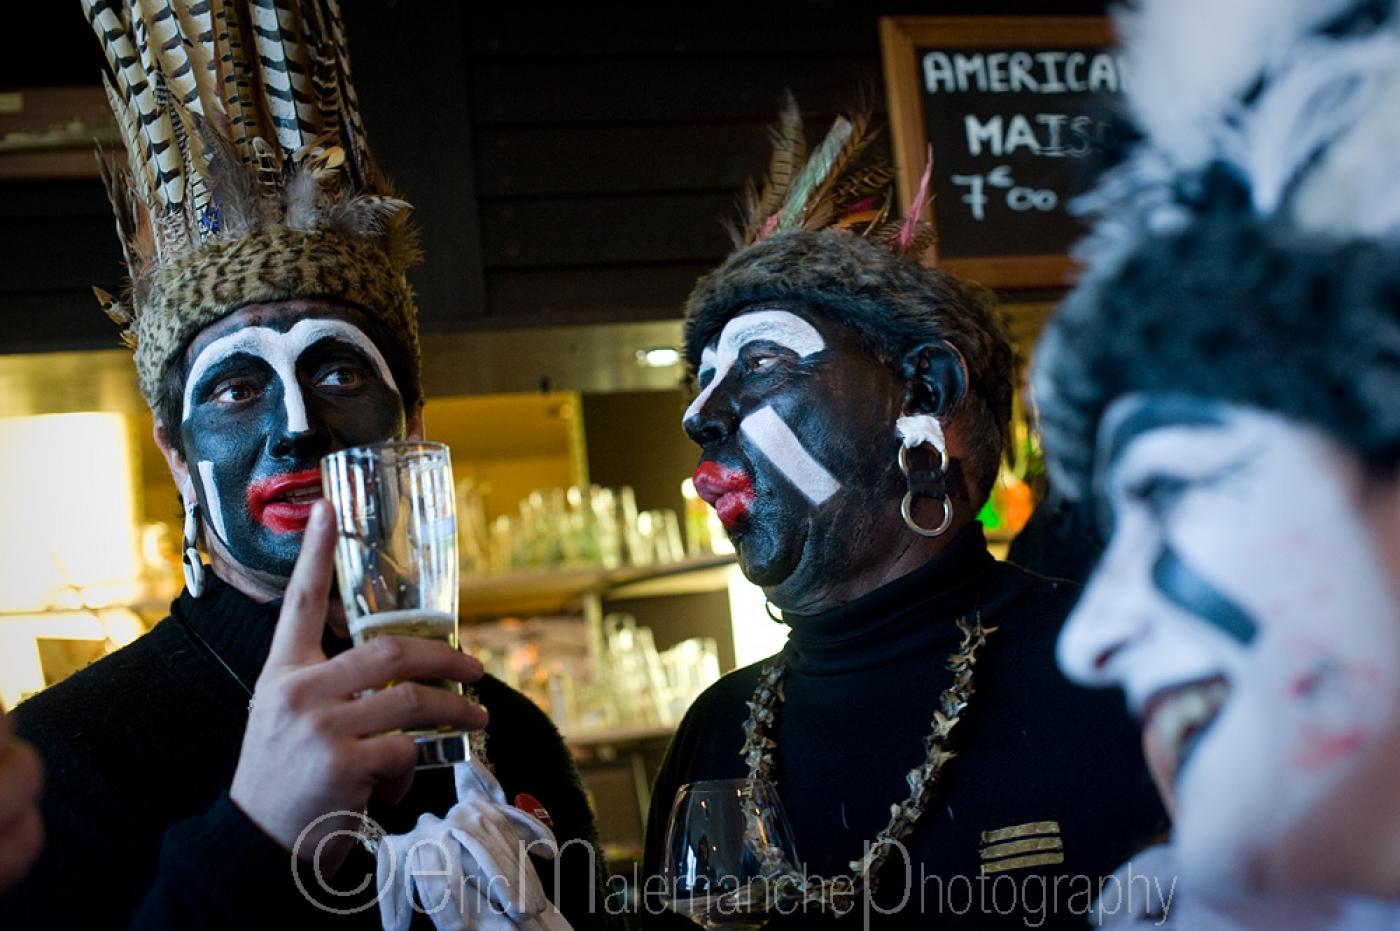 http://www.ericmalemanche.com/imagess/topics/carnaval-de-dunkerque/liste/Carnaval-Dunkerque-1281.jpg